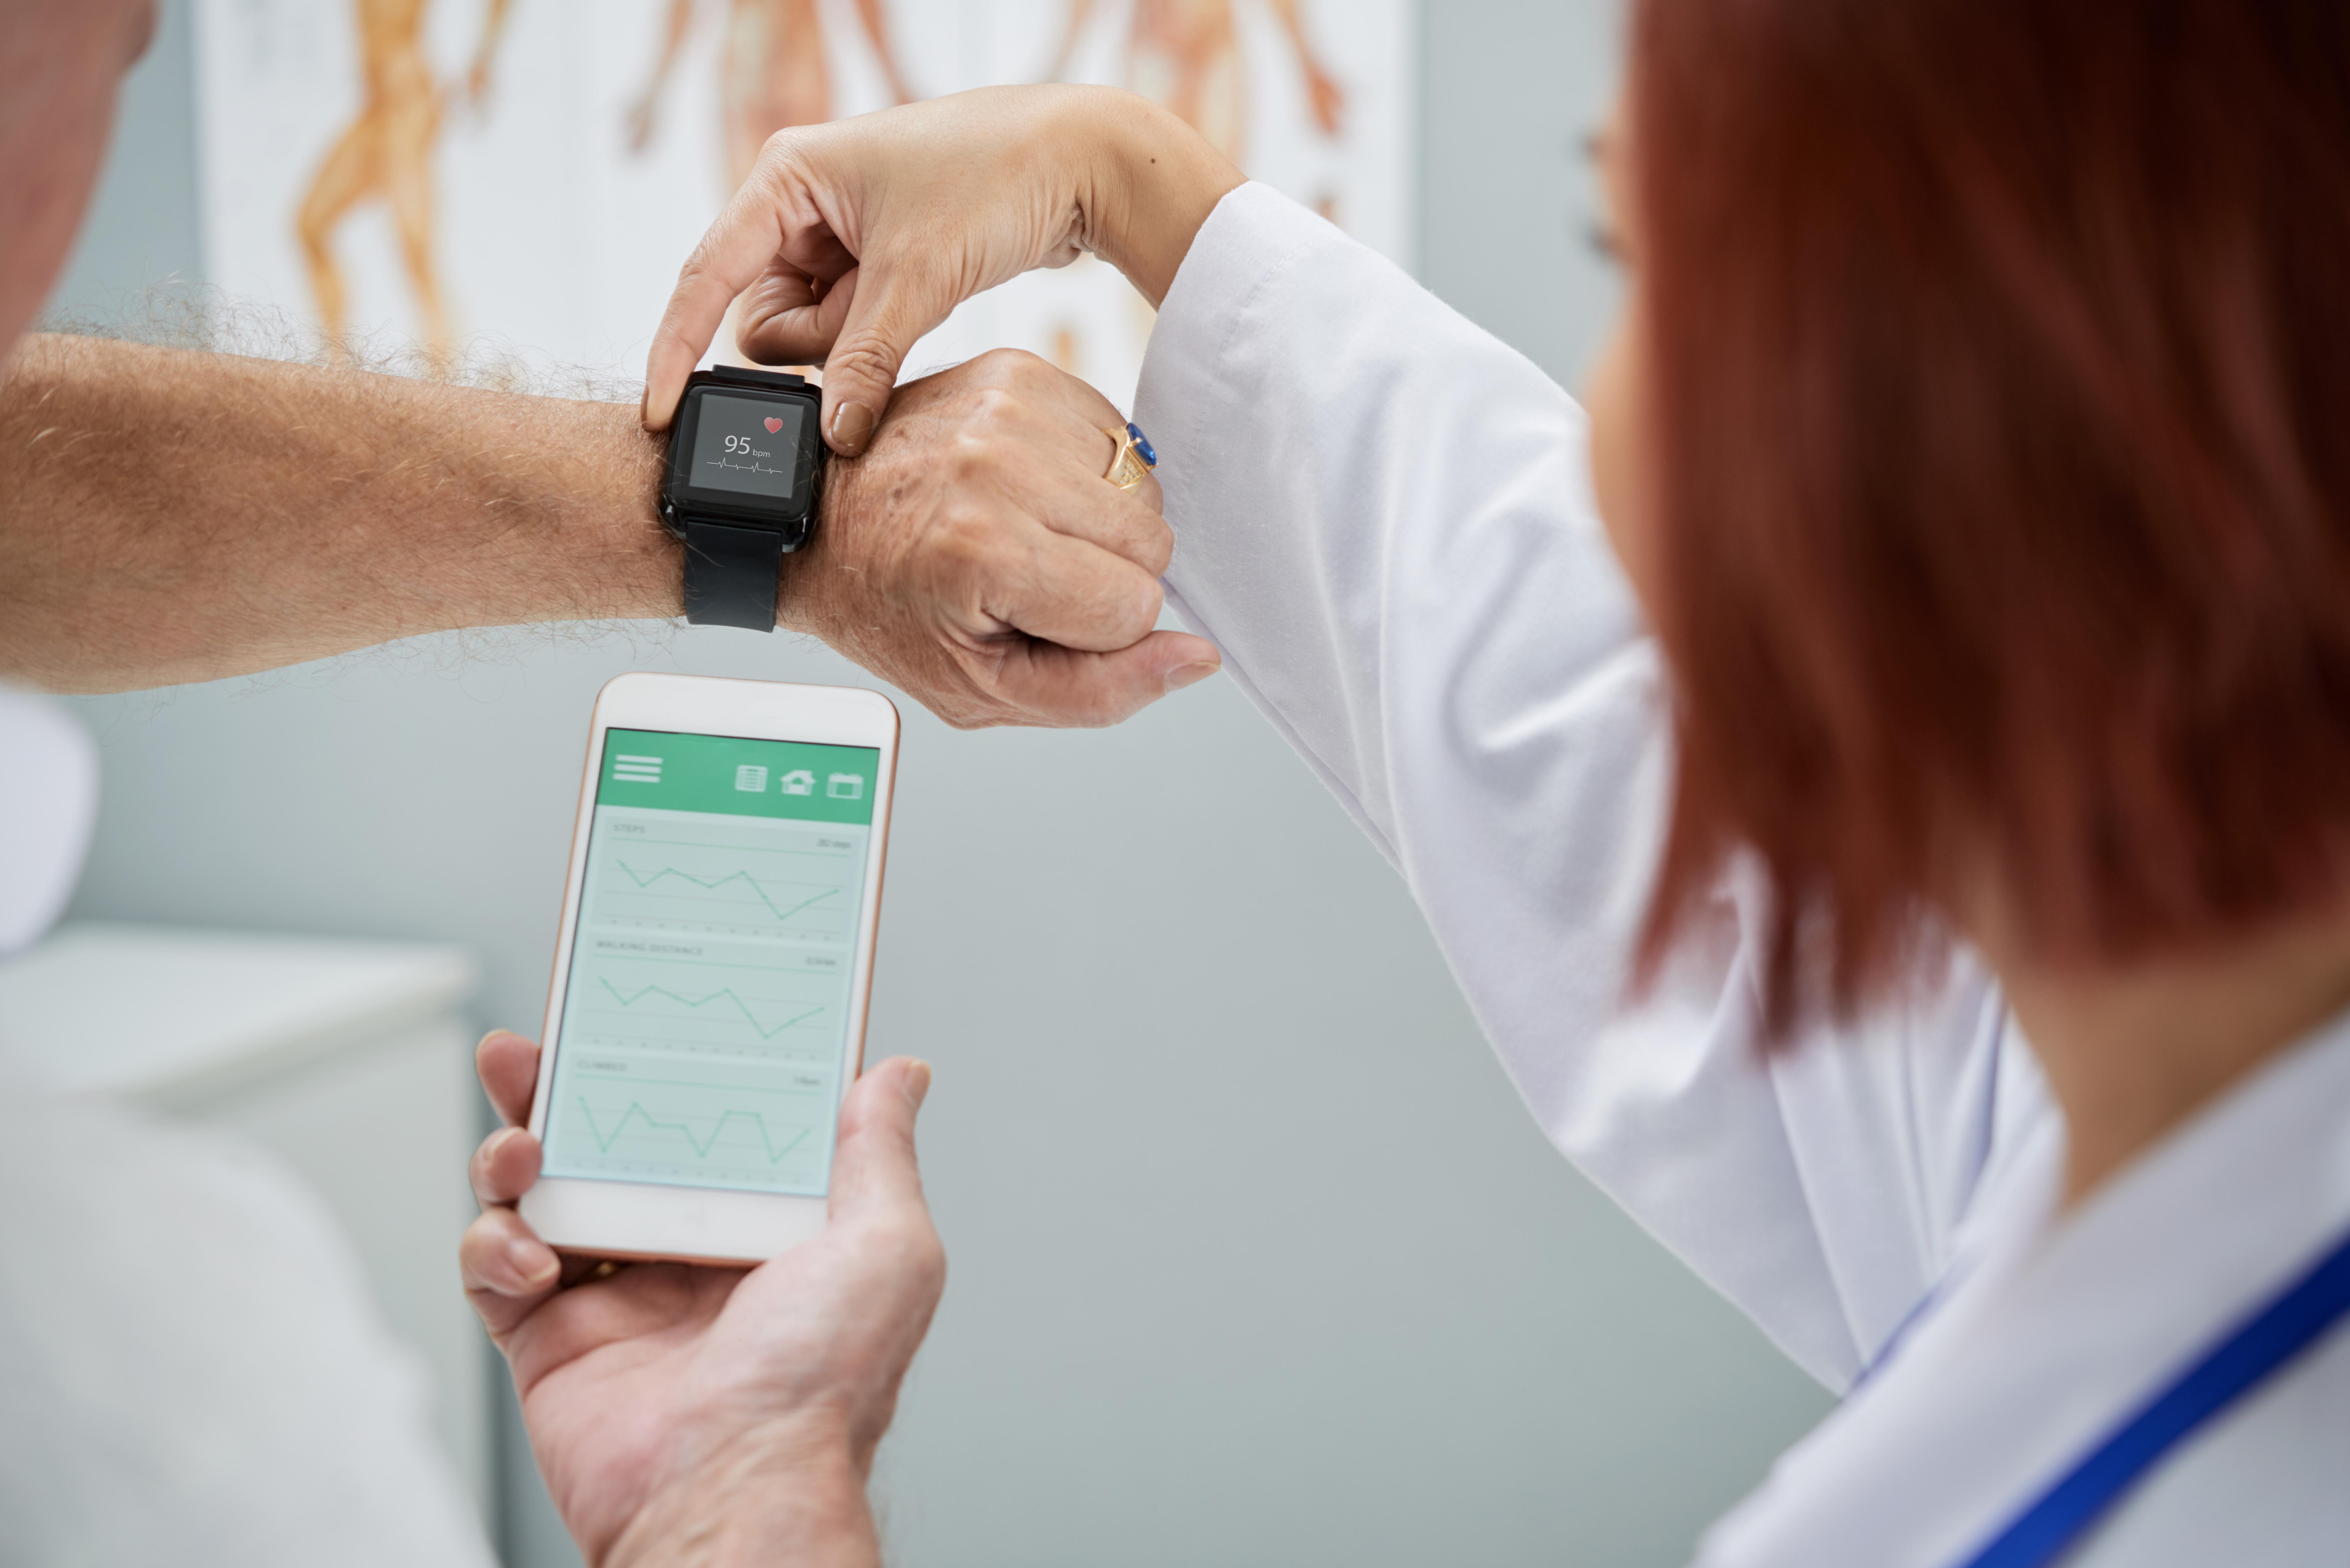 www.fiercehealthcare.com